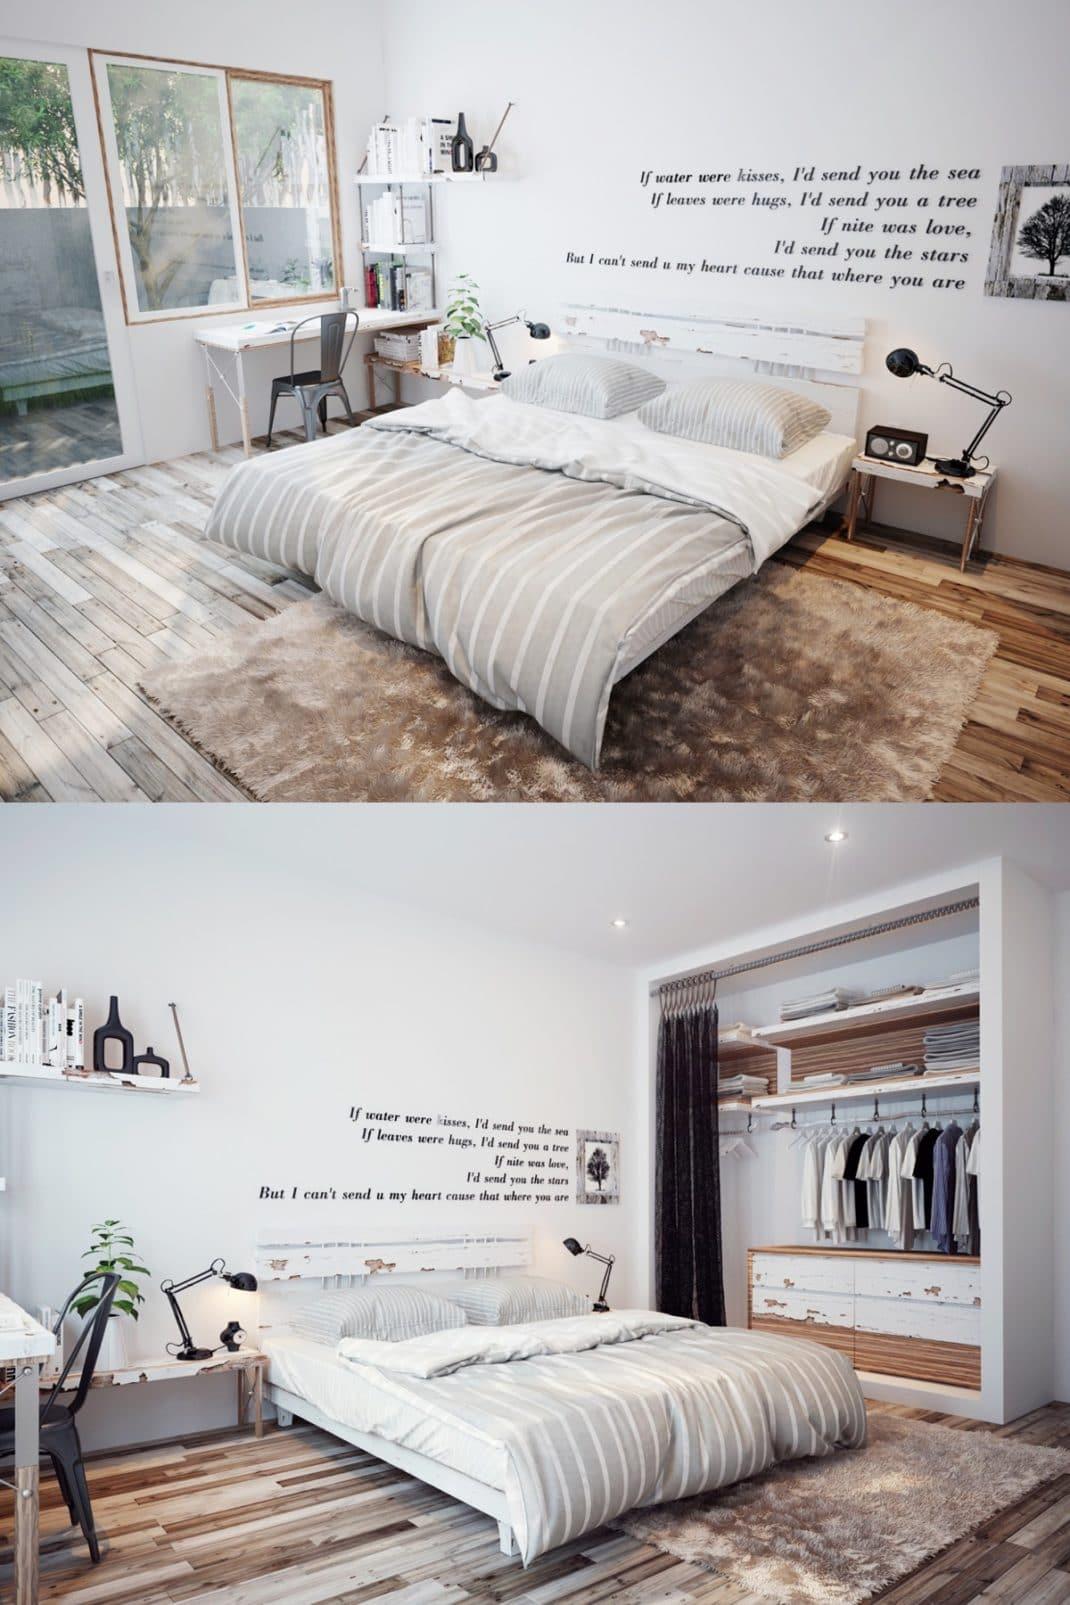 Décoration Des Chambres : Décoration de chambre scandinave idées et inspirations